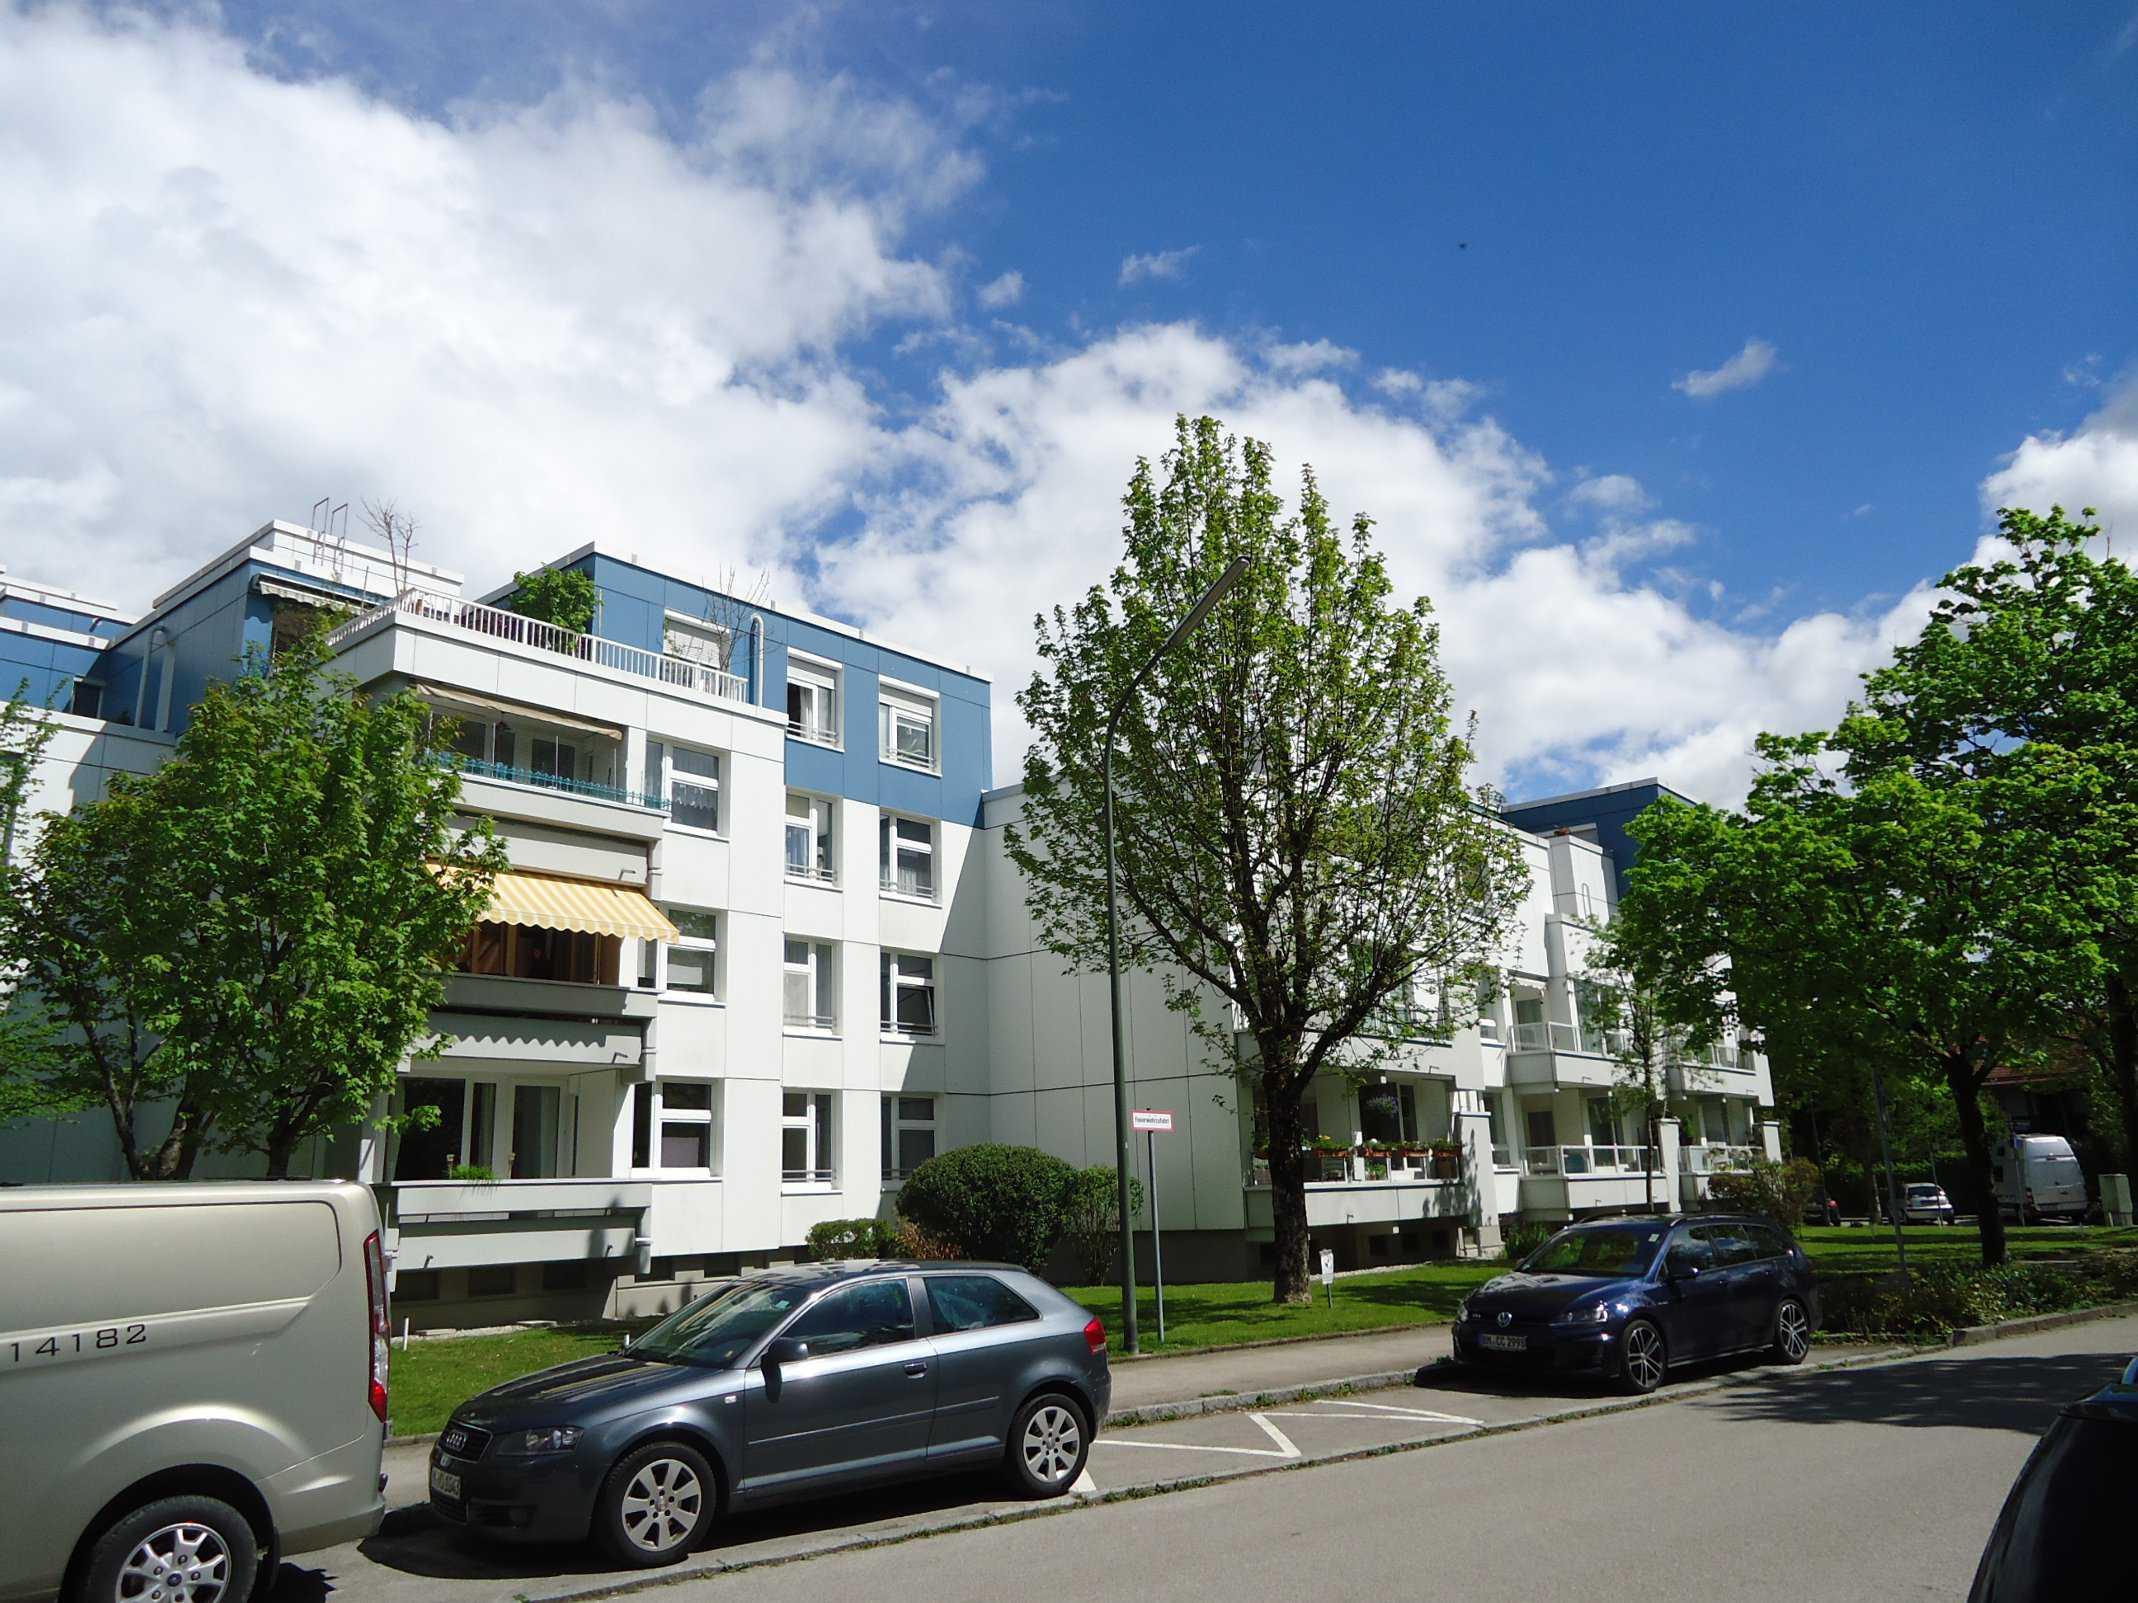 Nießbrauch Haus Verkaufen : nie brauch dachterrassentraum in ruhiger lage zu ~ Lizthompson.info Haus und Dekorationen